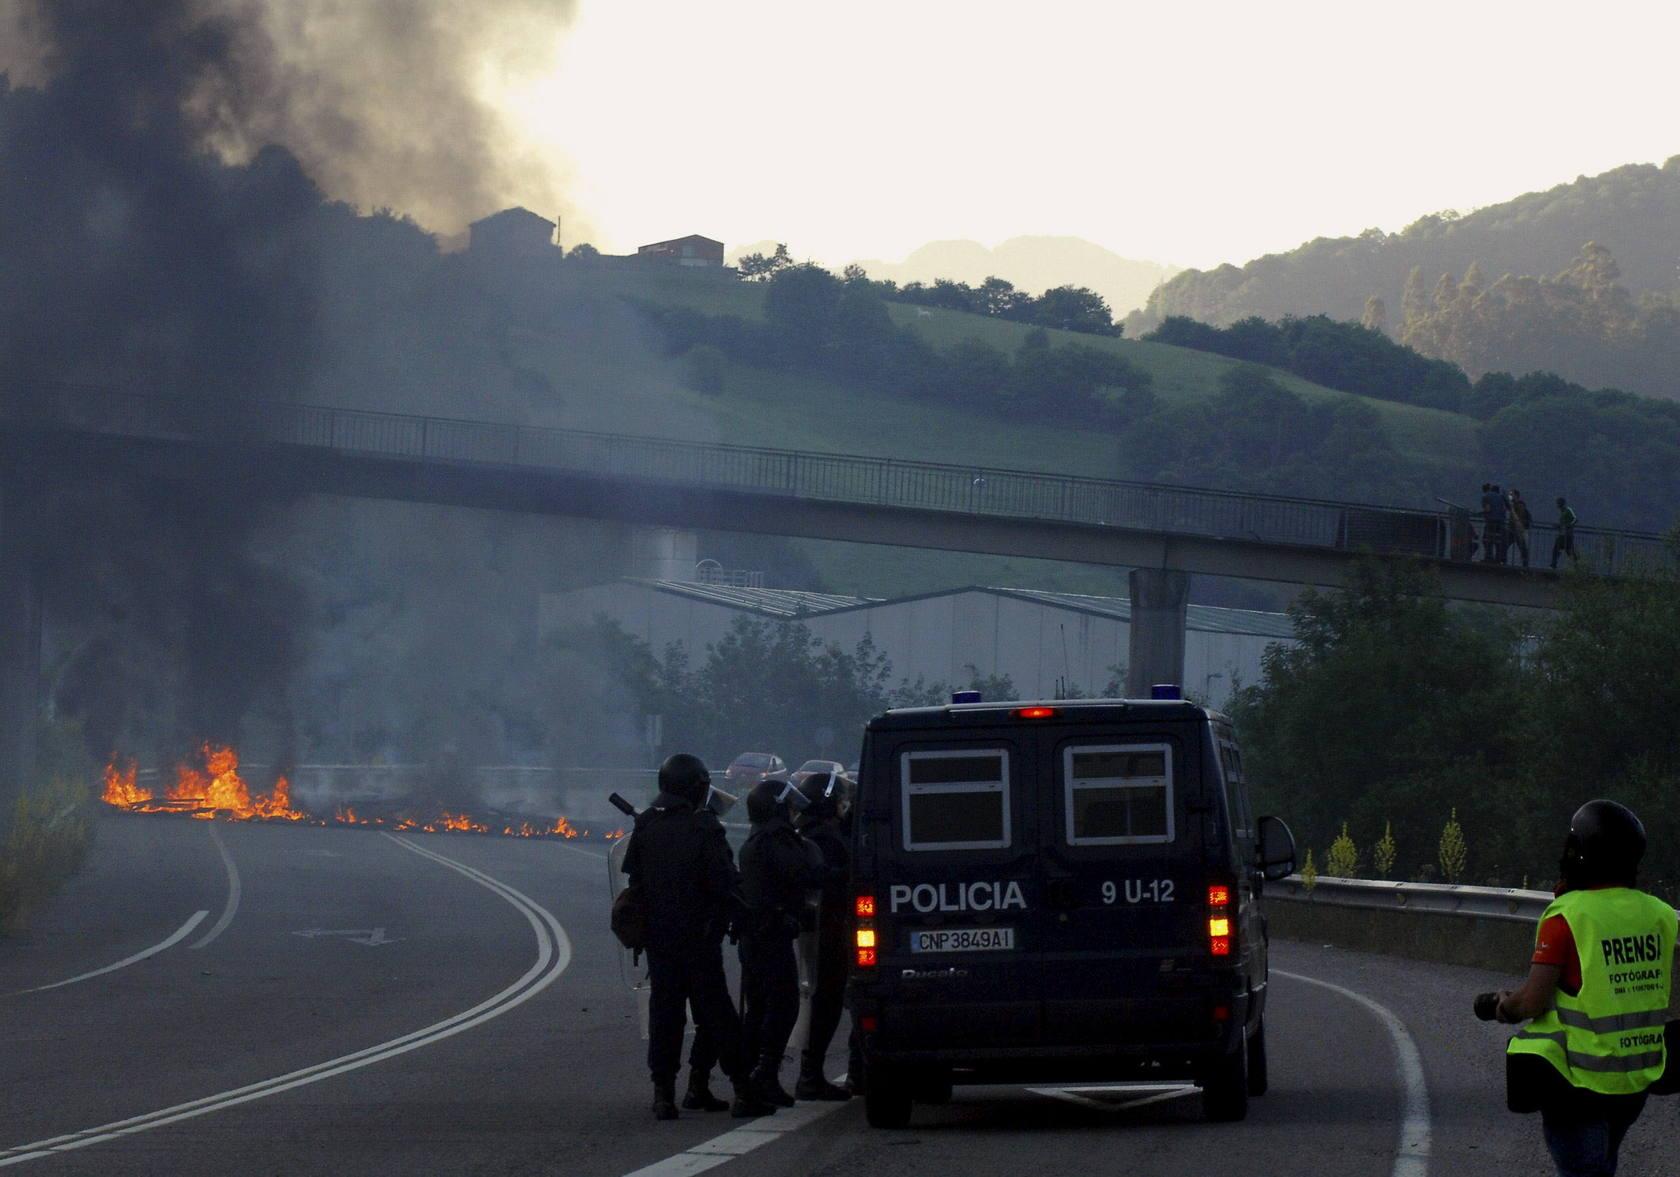 La tensión entre los mineros y la Policía se recrudece